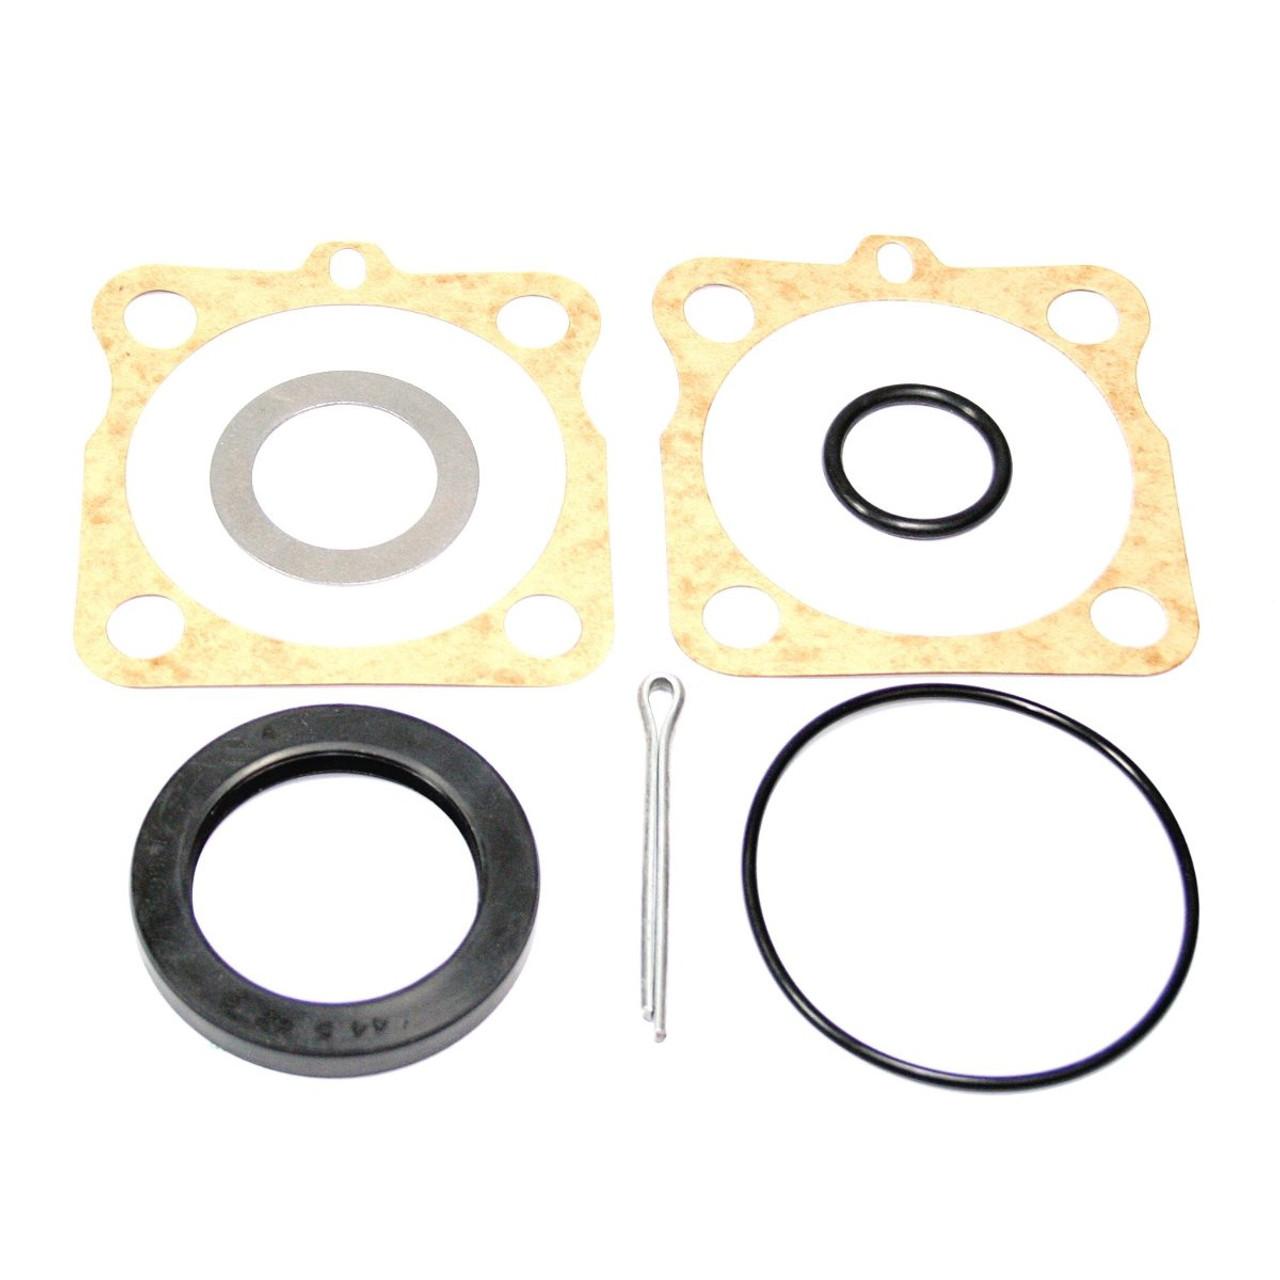 IAP 111598051A Axle Seal Kit - Rear, T-1 49-68, T-2 50-67, T-3 61-68, Ghia 55-68